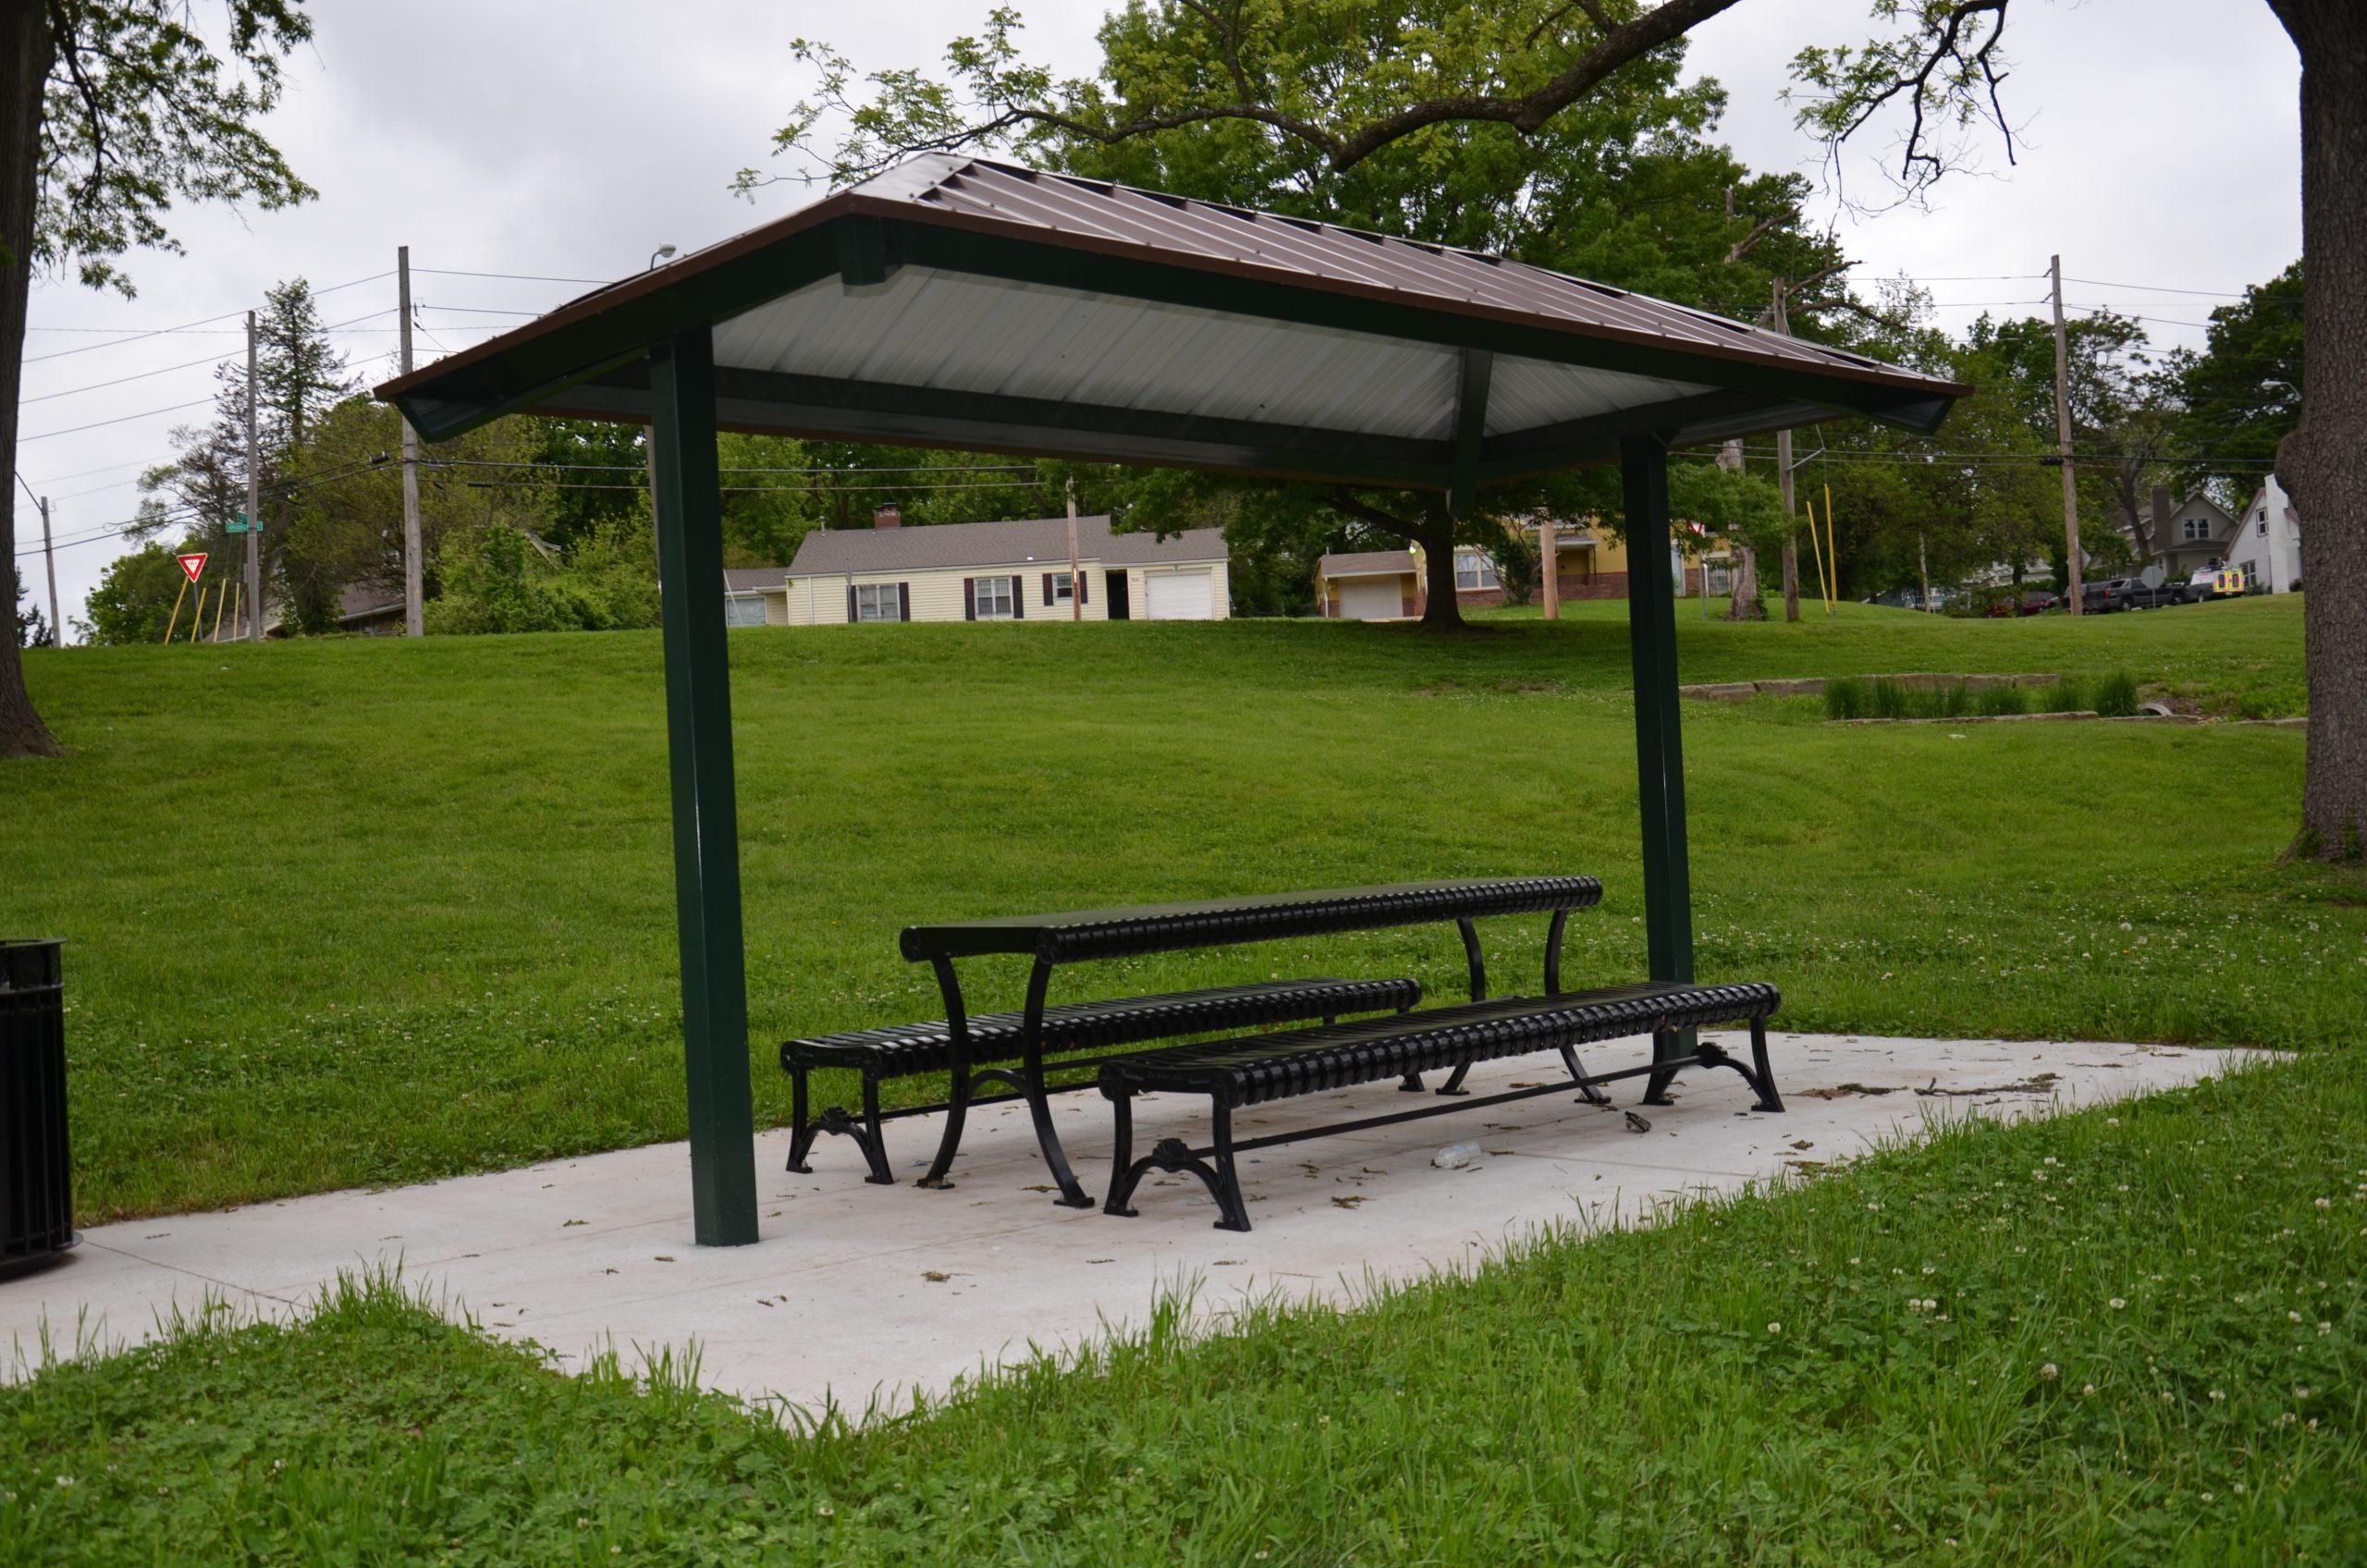 Arleta Park Shelter #2